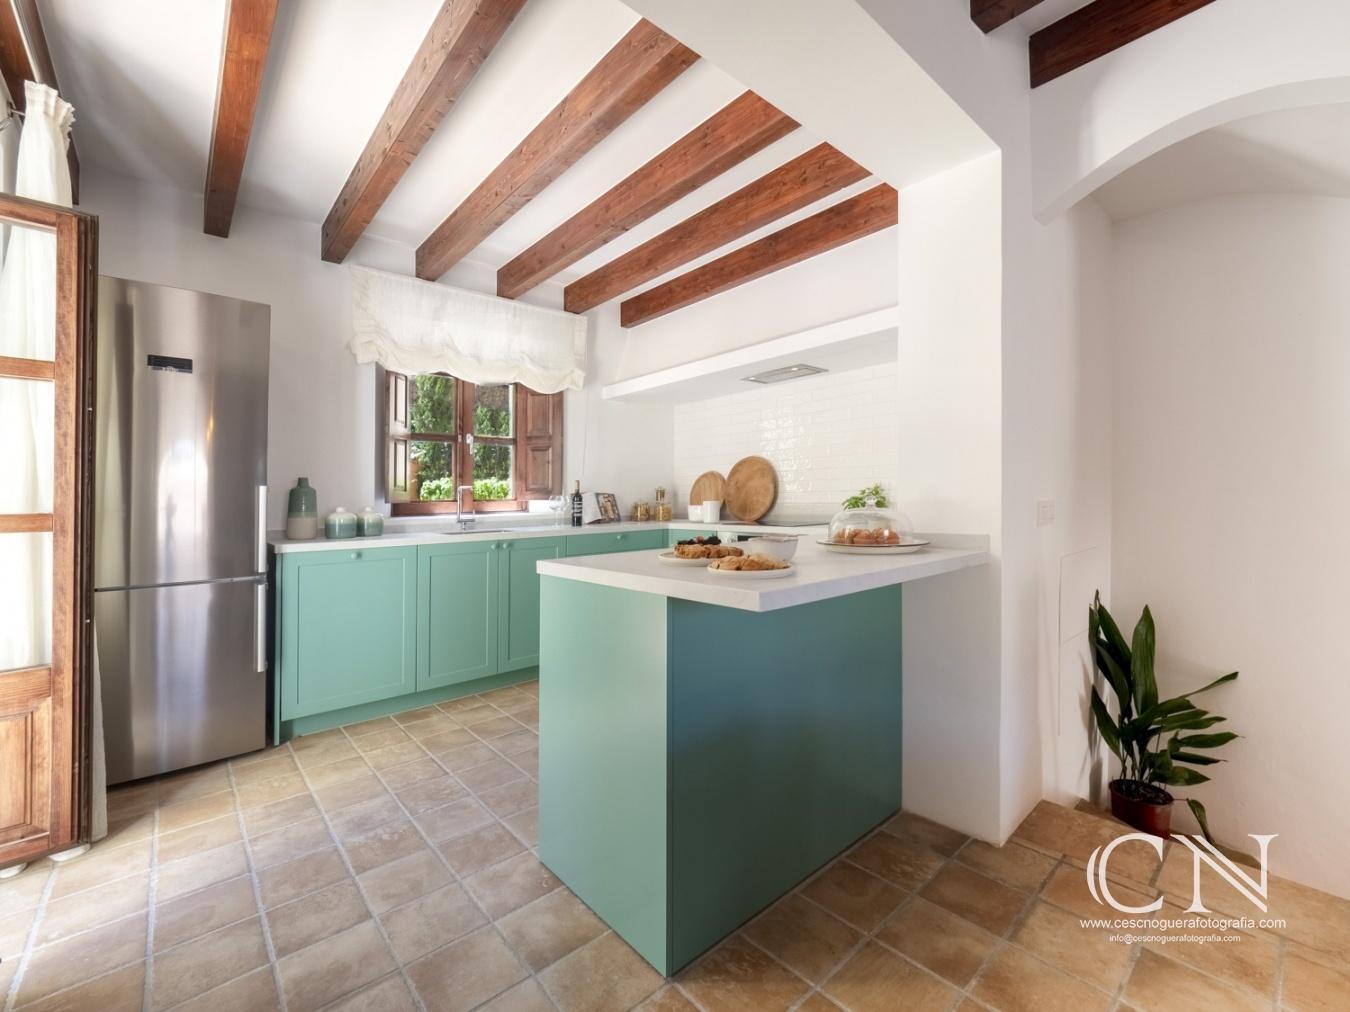 Casa a Deià - Cesc Noguera Fotografia, Quan la fotografia és una passió.,  Architectural & Interior design photographer / Landscape Photography.